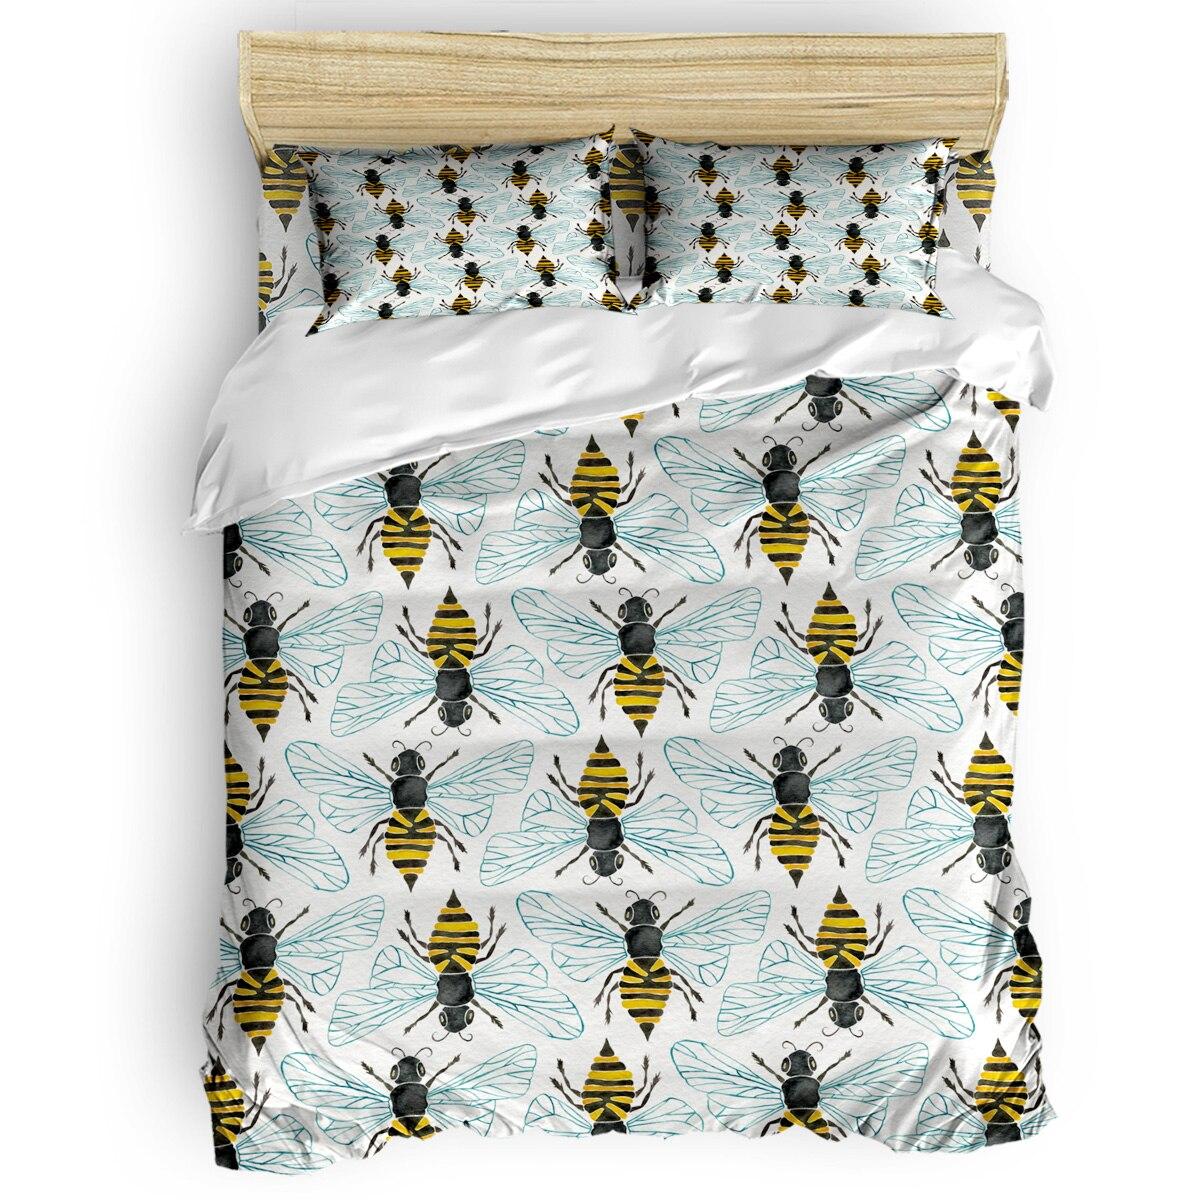 Miel abeille housse de couette 3D coton housse de couette King Size reine taille housse de couette ensemble literie couette unique ensembles de literie